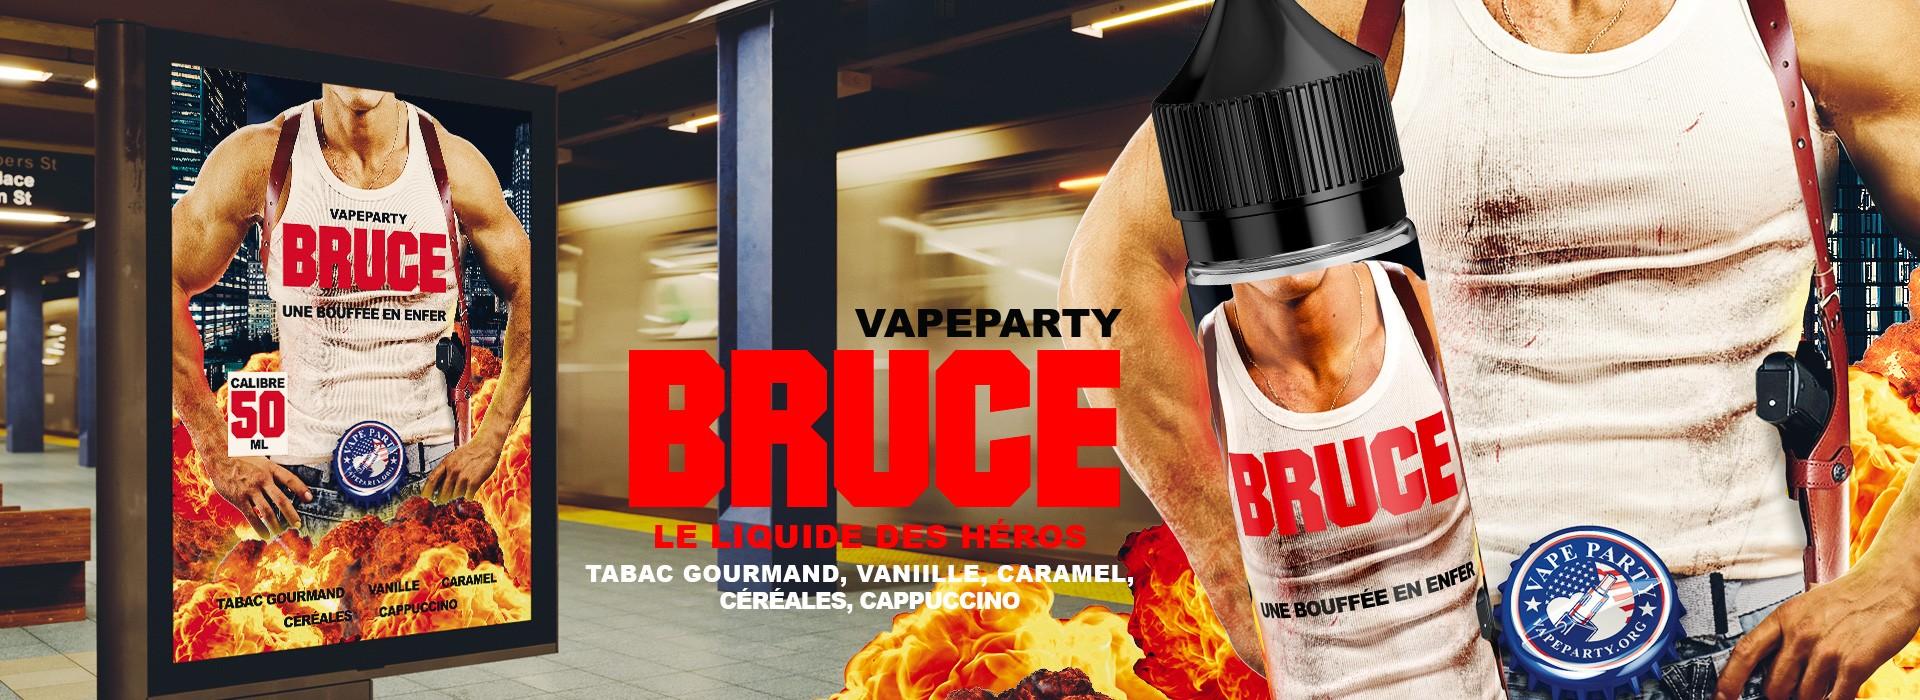 Bruce, le liquide des héros